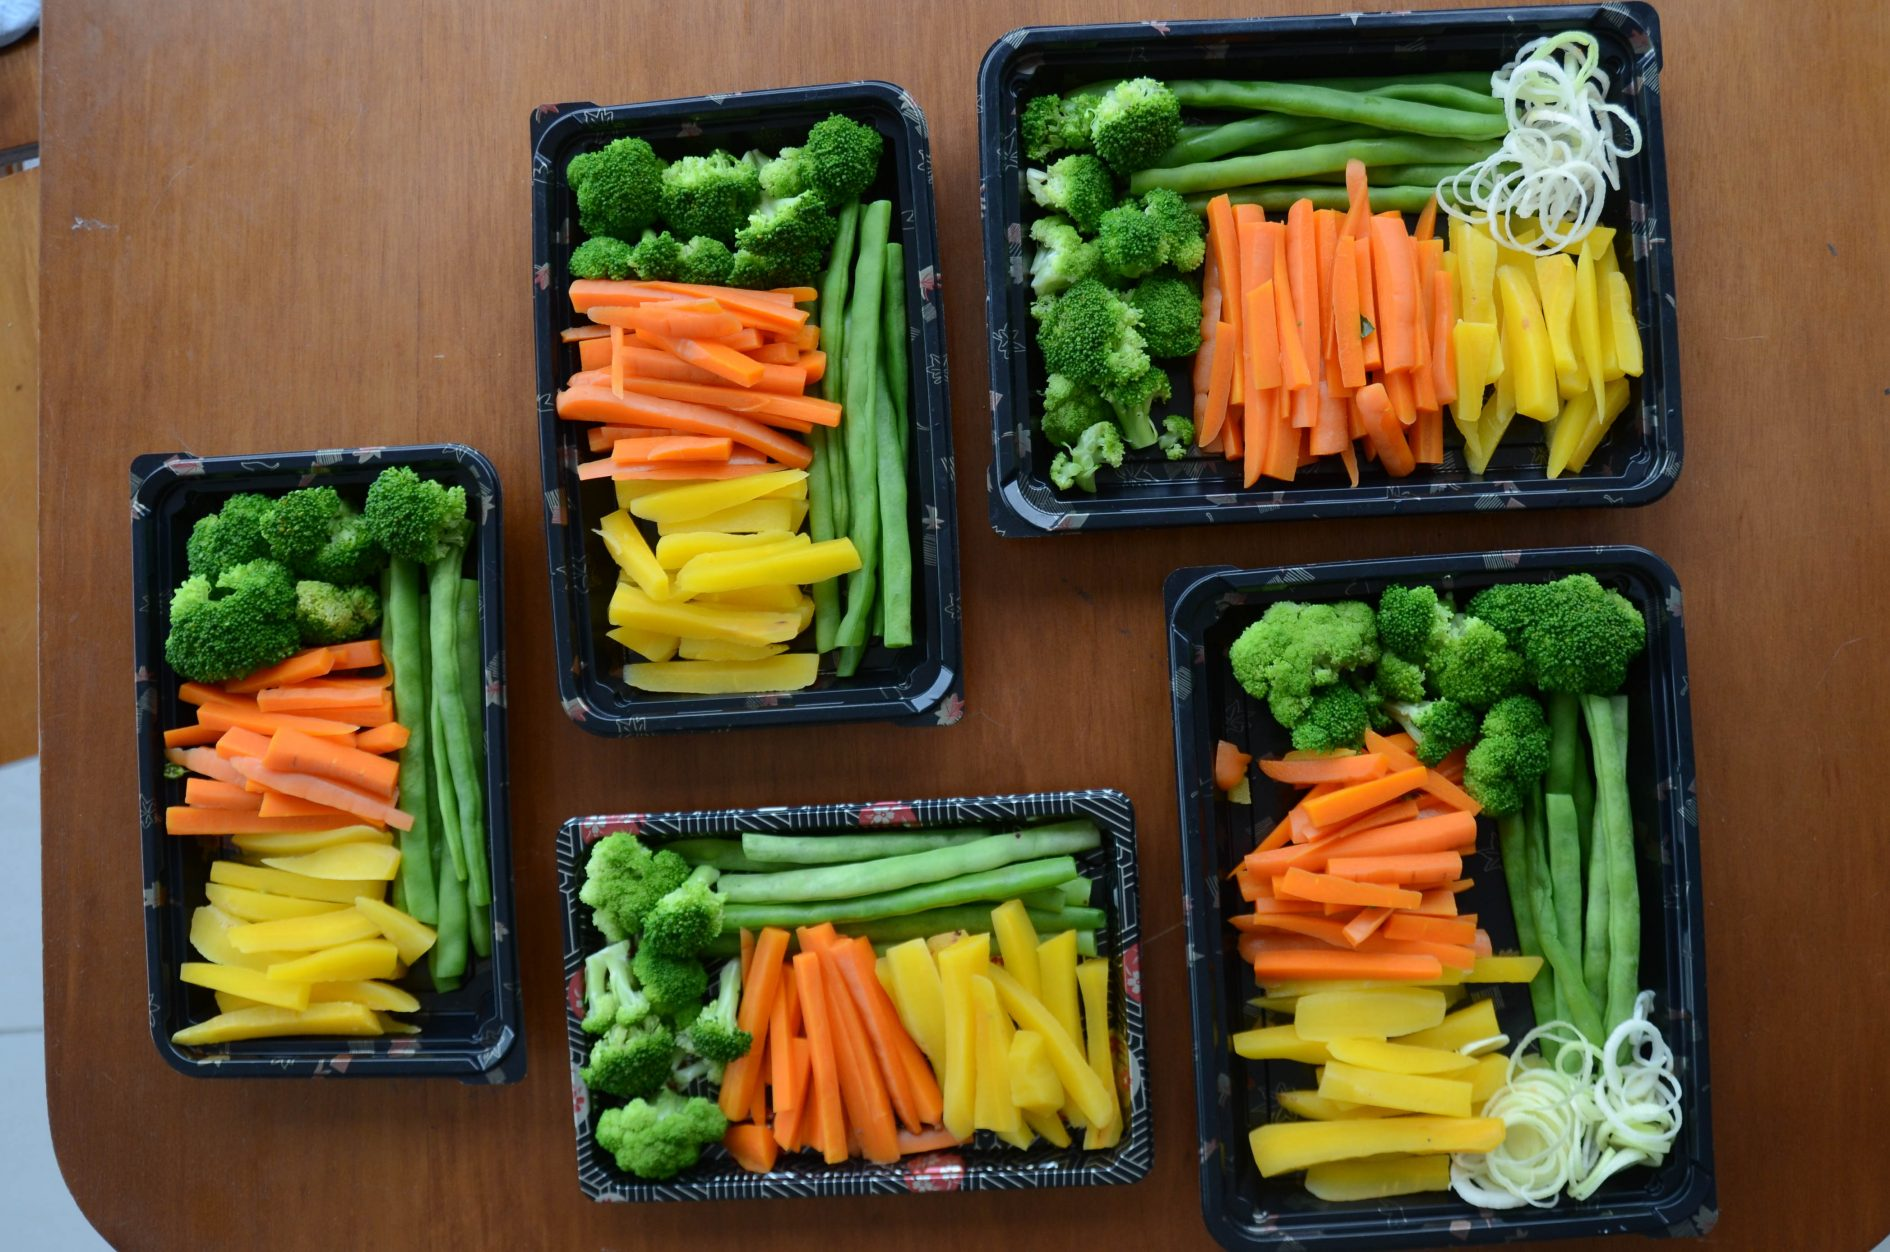 como preparar legumes para a semana - cozinhar em lote e congelar